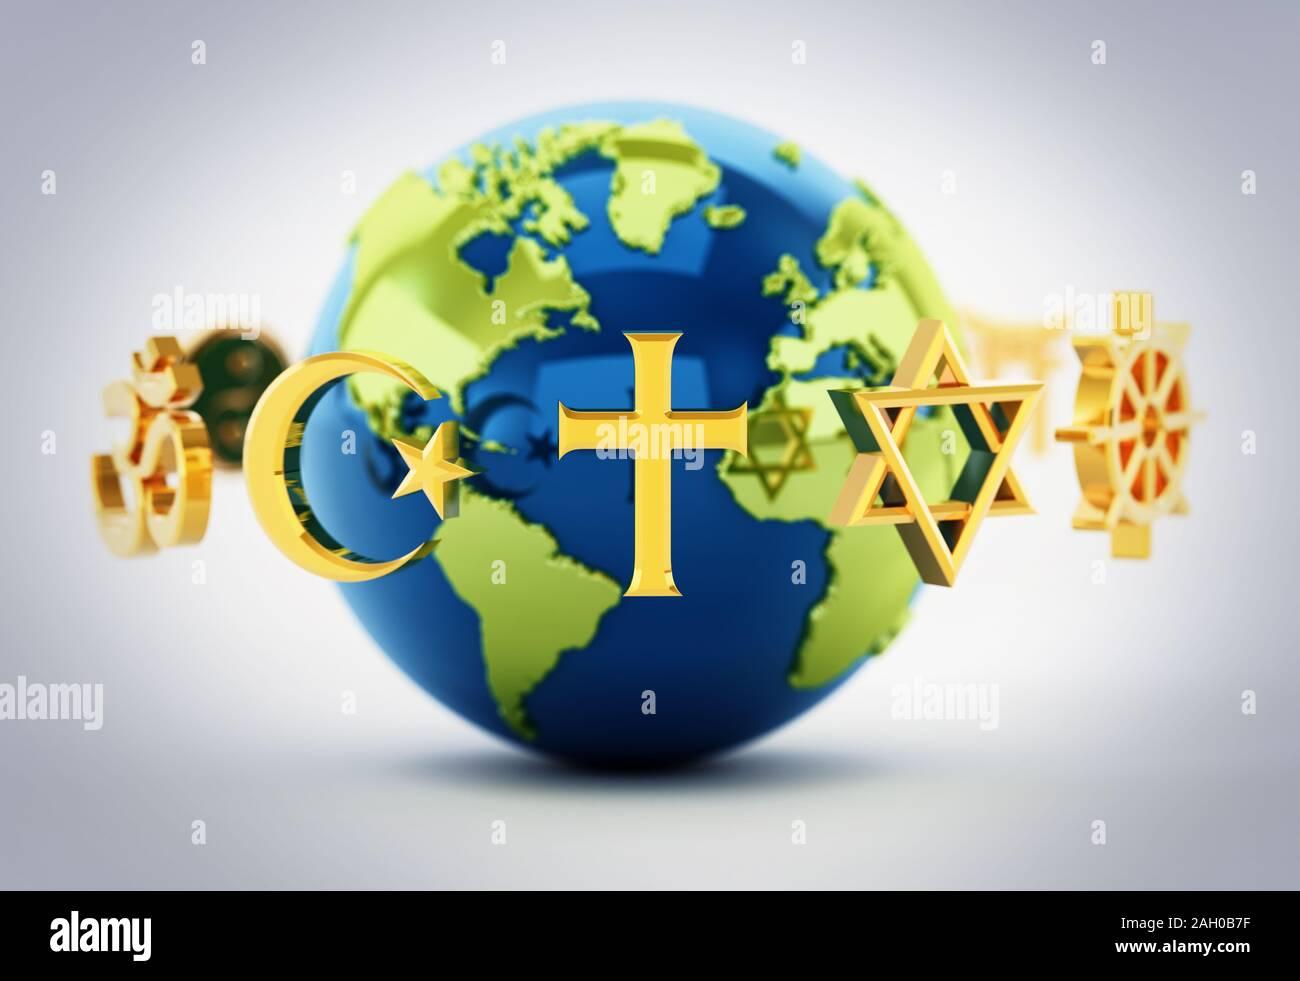 La religione simboli sparsi attorno alla terra . 3D'illustrazione. Foto Stock